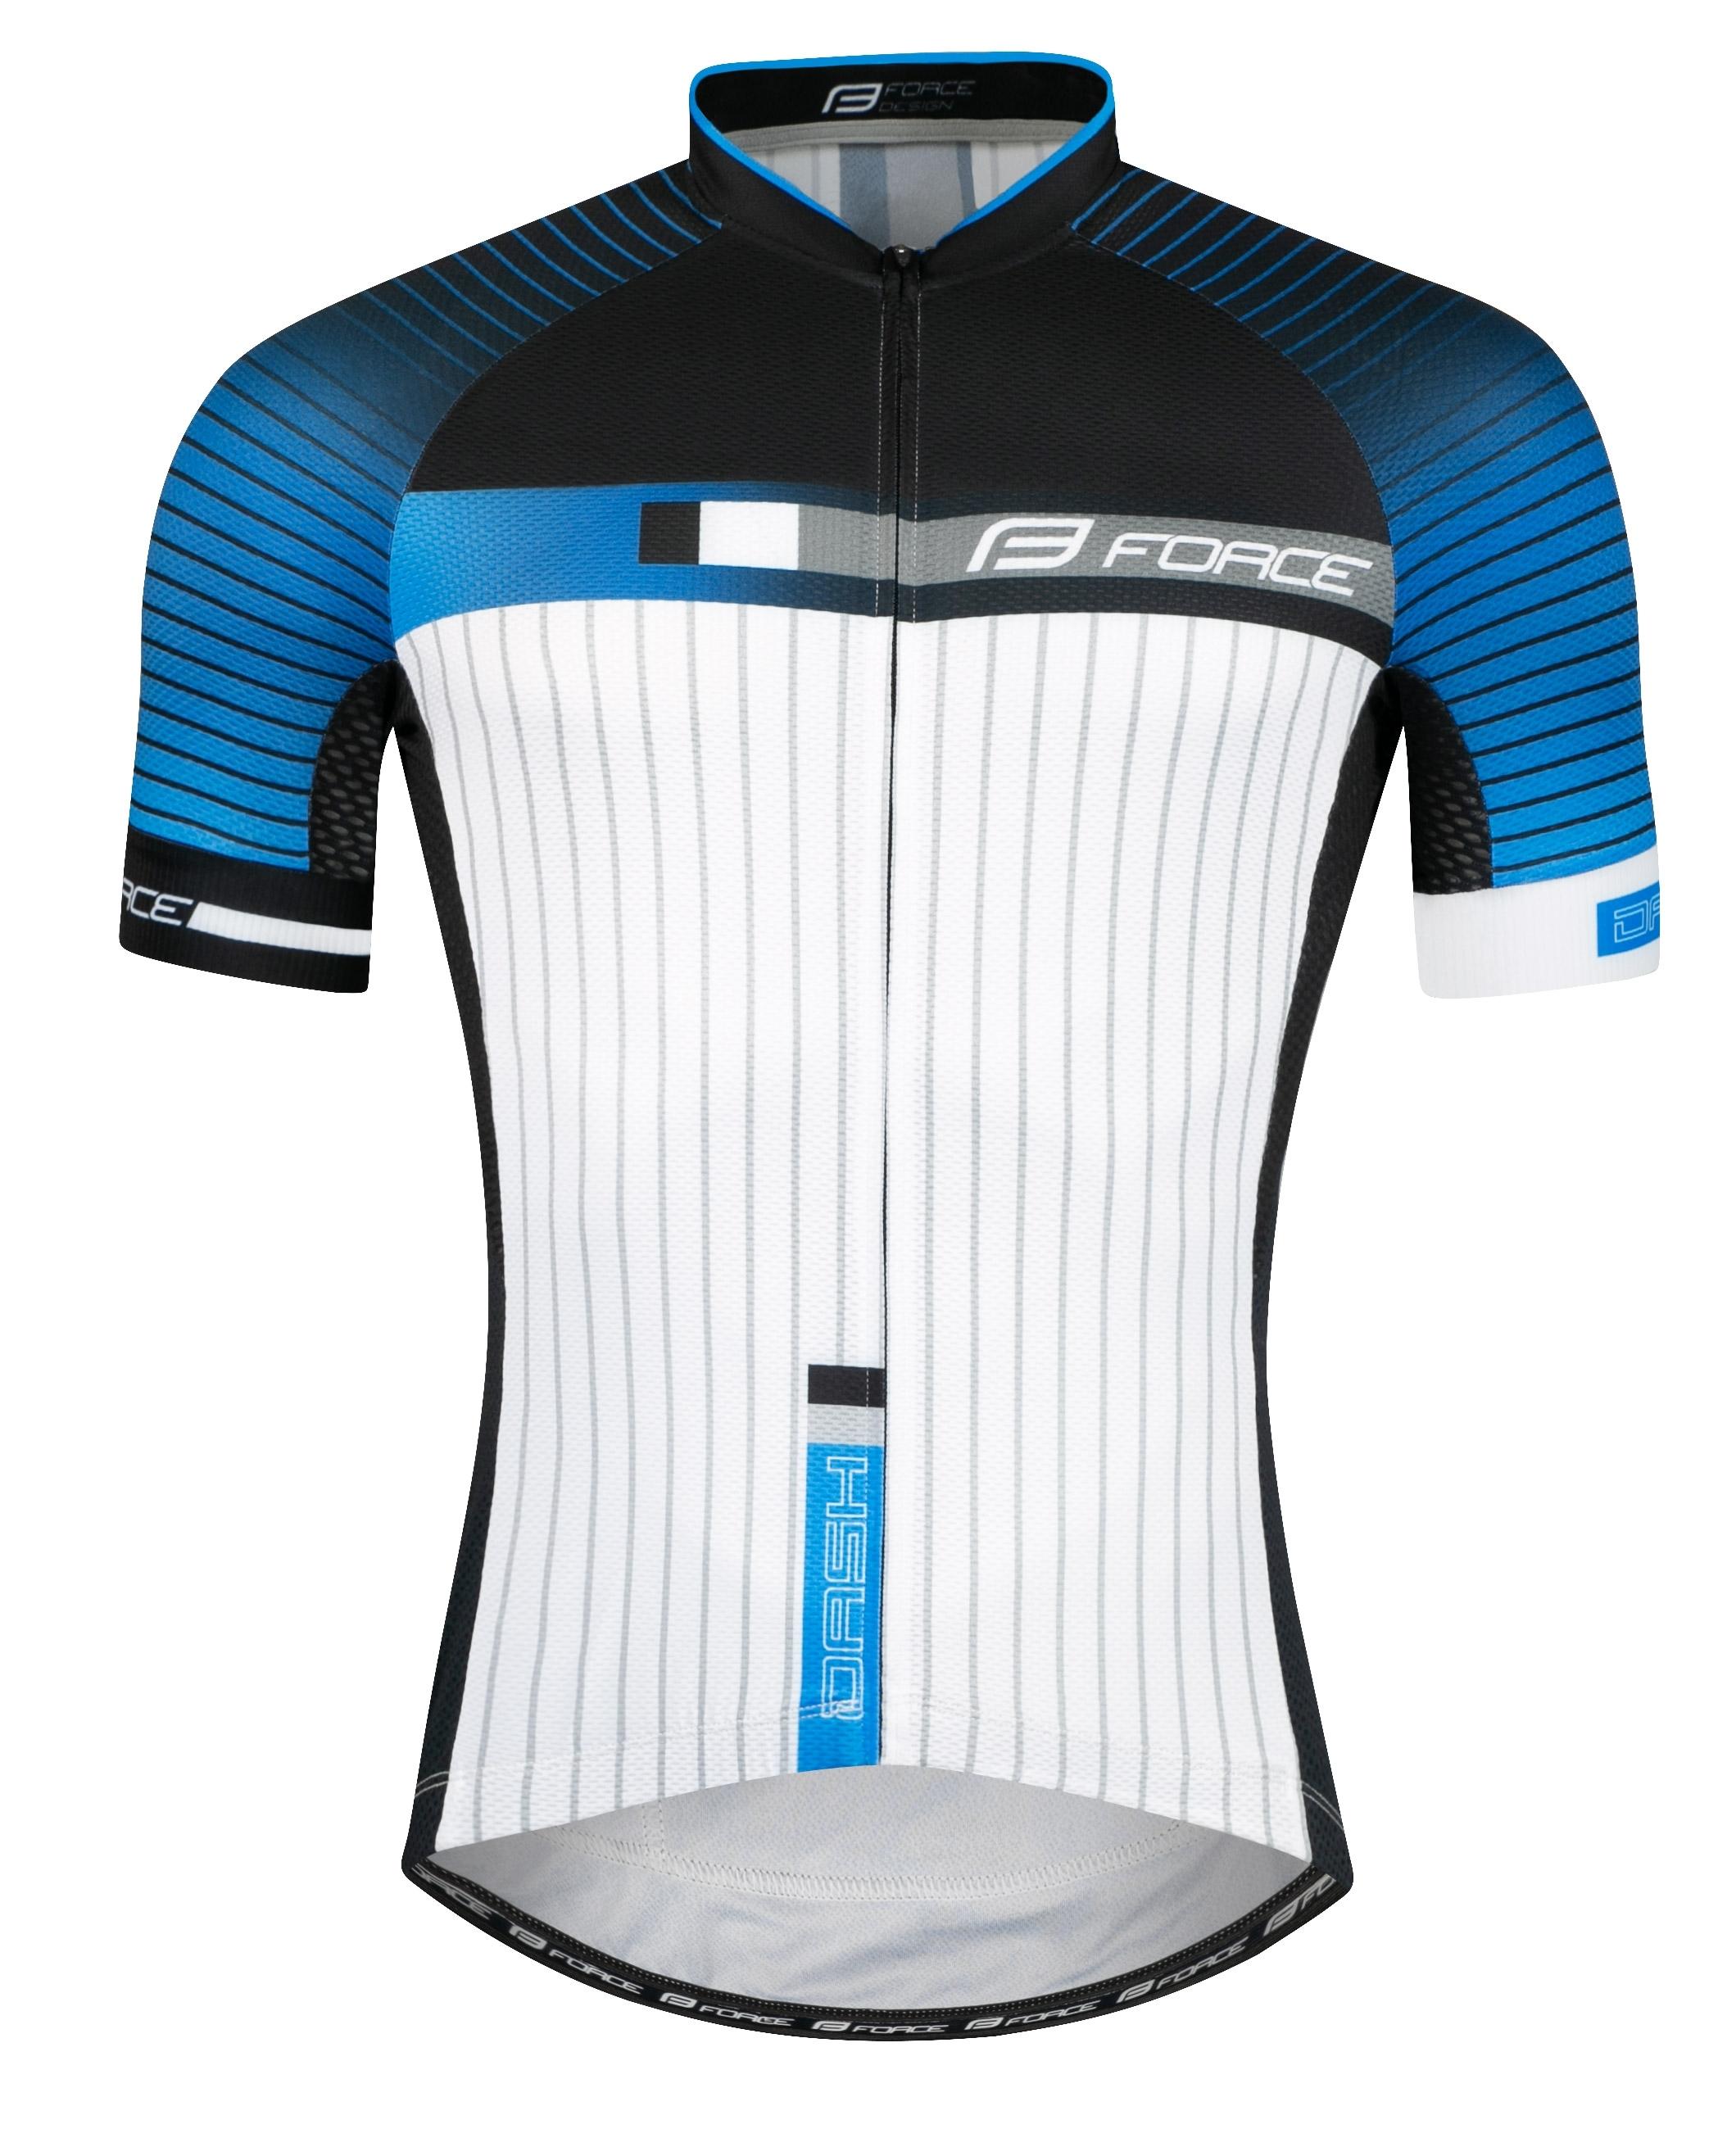 dres FORCE DASH krátký rukáv,modro-černo-bílý S